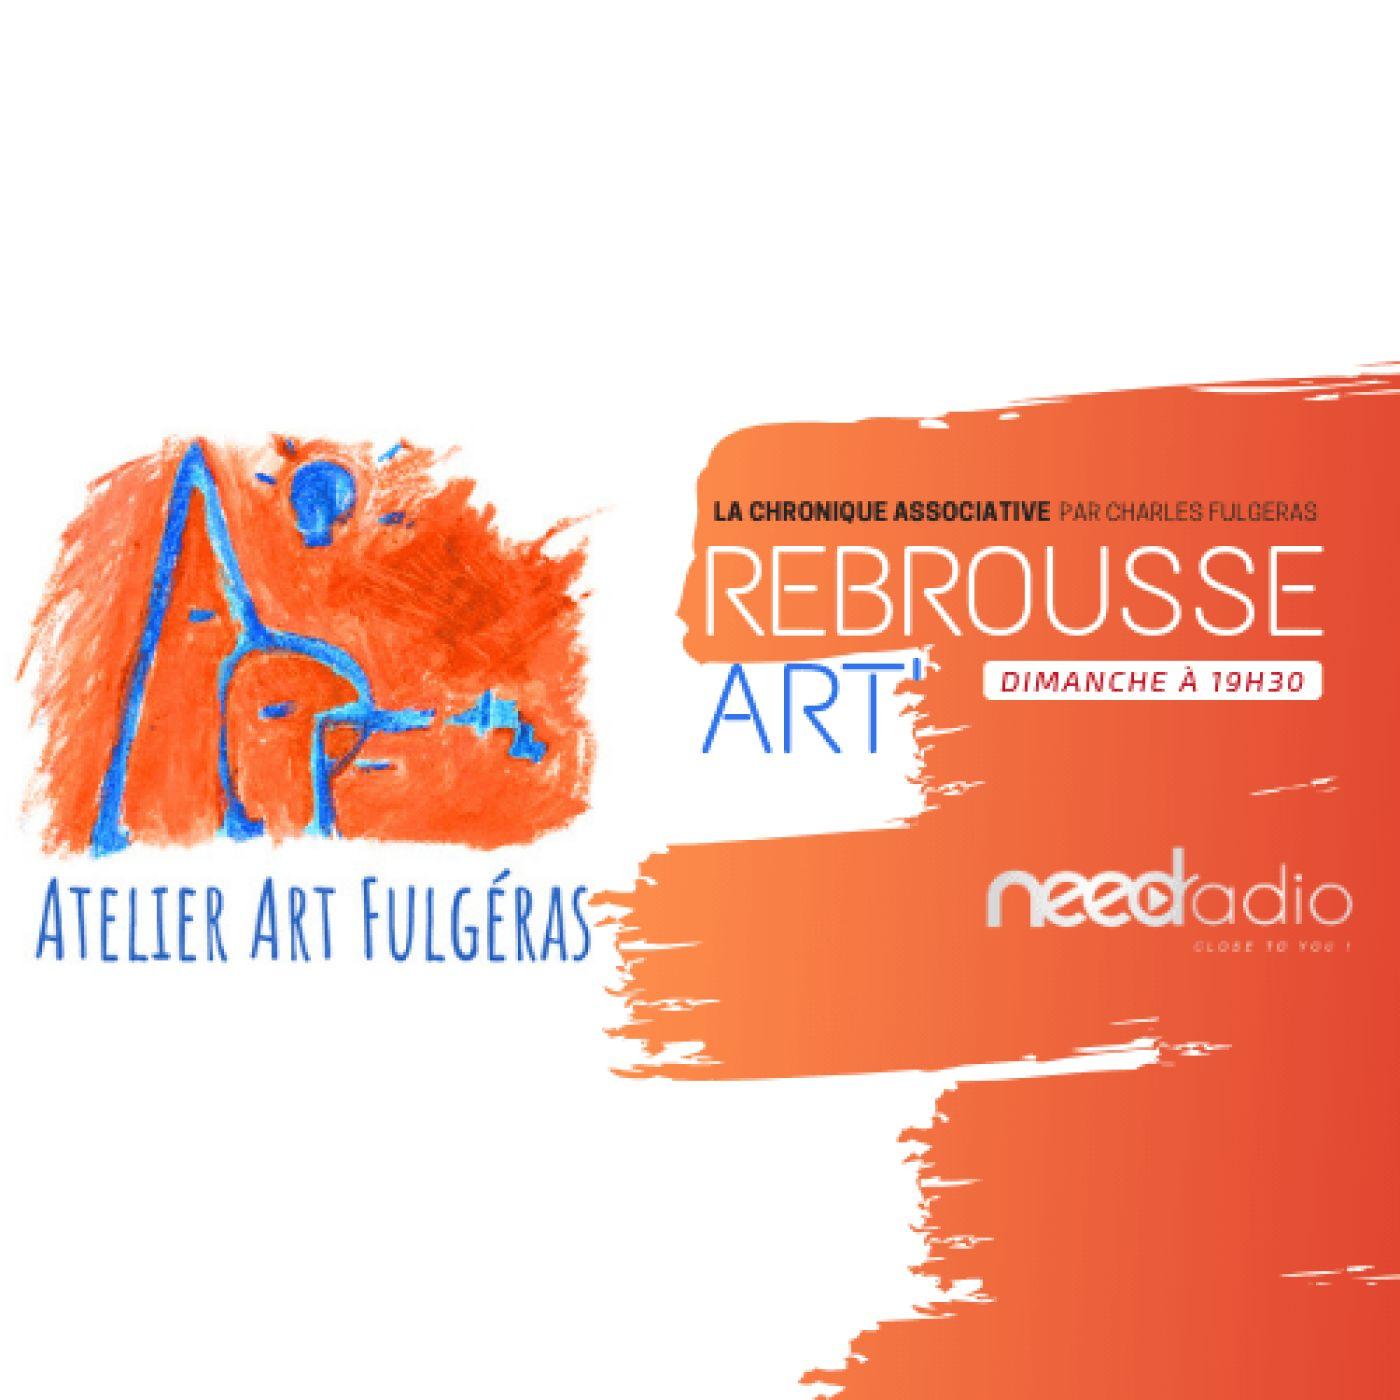 Rebrousse Art' - Histoires de Traces et de Dessins (avec Charles Fulgeras) (12/05/19)